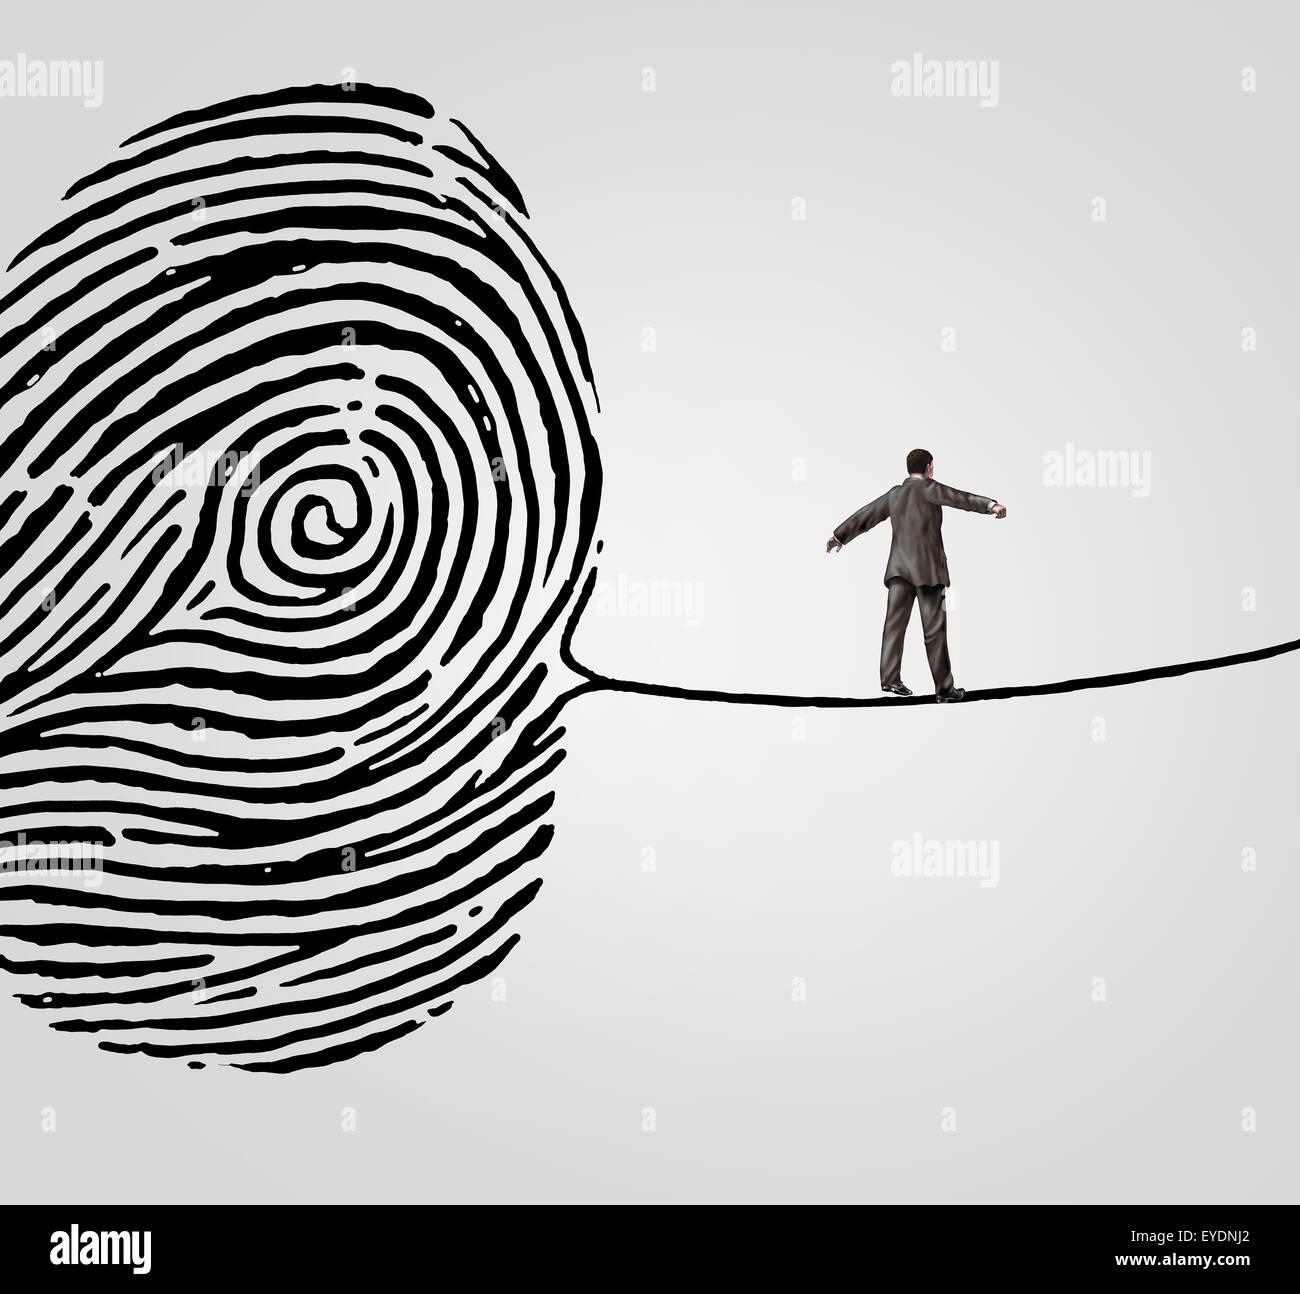 La sécurité de l'information client concept de risque comme une personne marchant sur un doigt en forme d'impression Banque D'Images